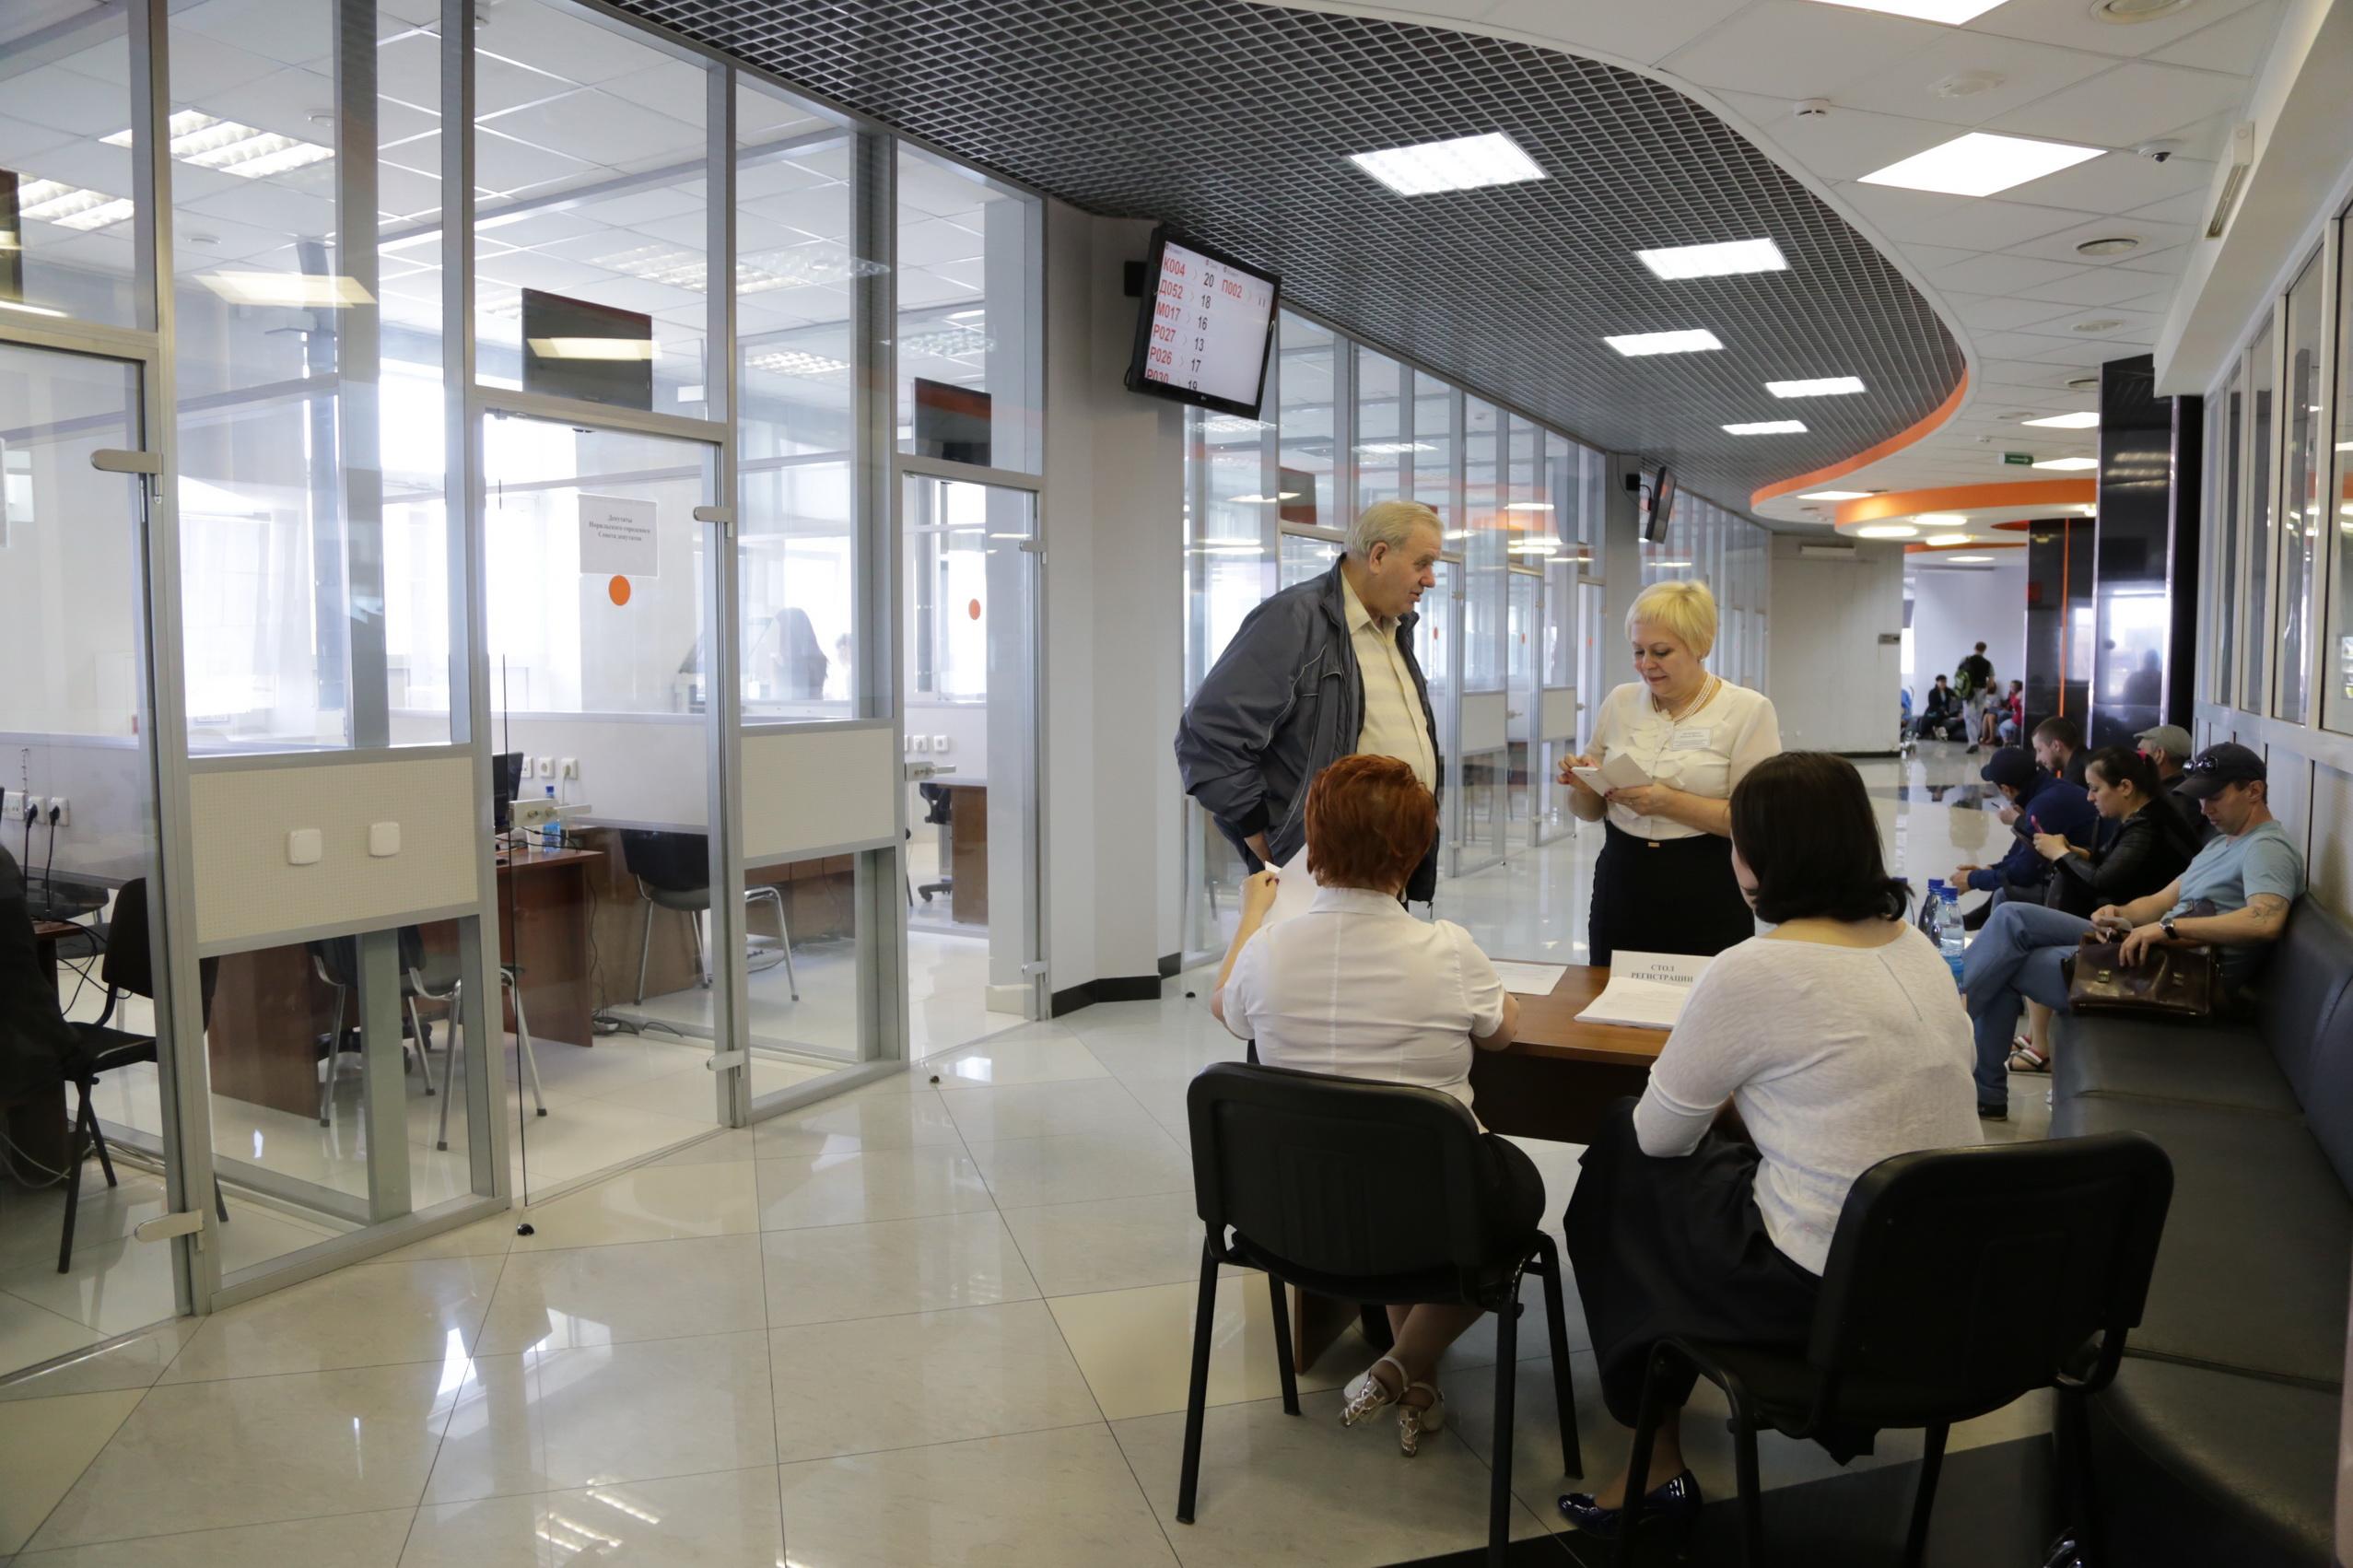 День бесплатной юридической помощи прошел в Норильске